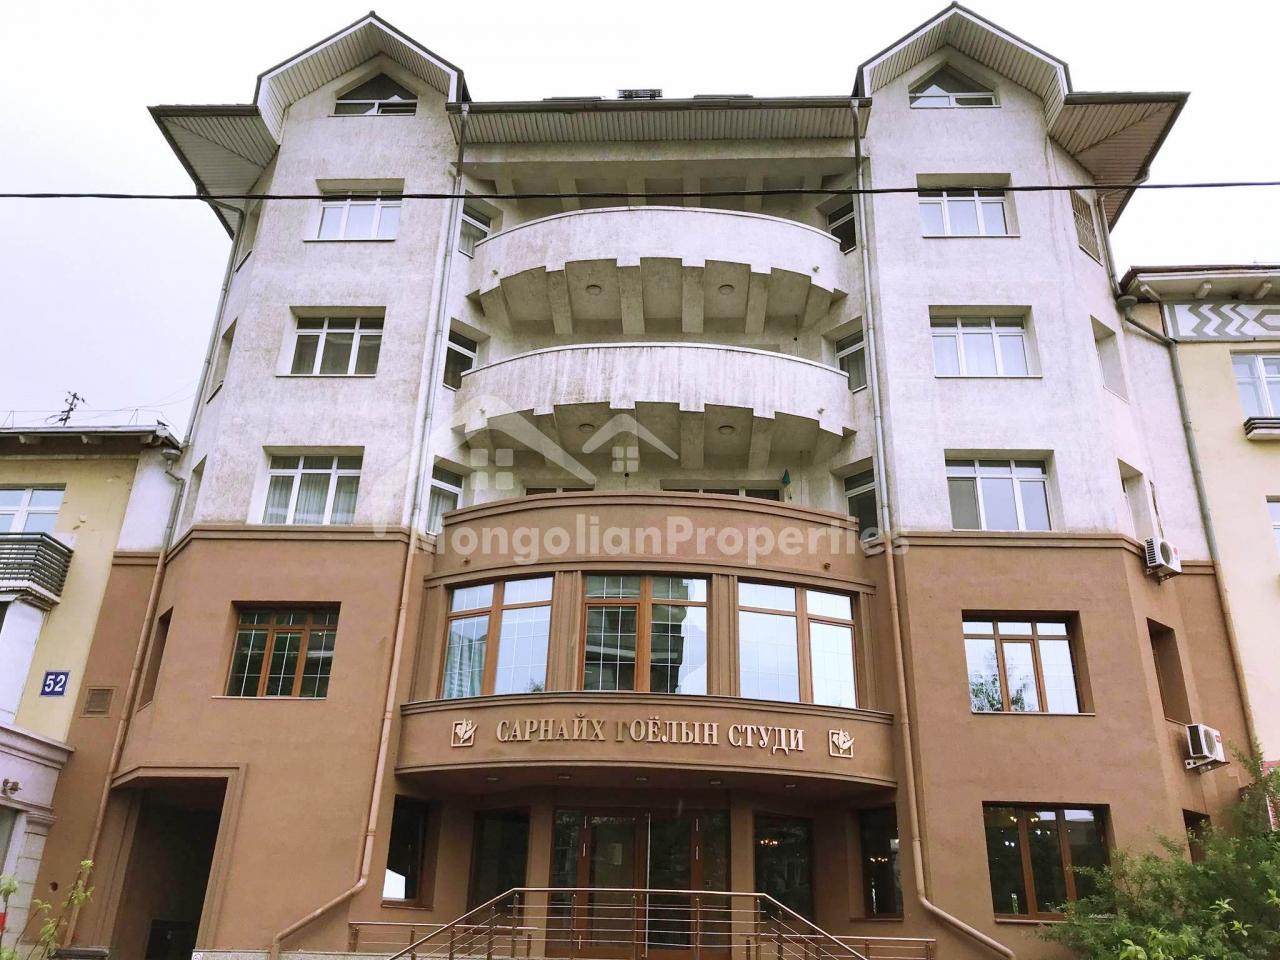 Орос Элчингийн баруун талд Duplex 4-өрөө худалдана